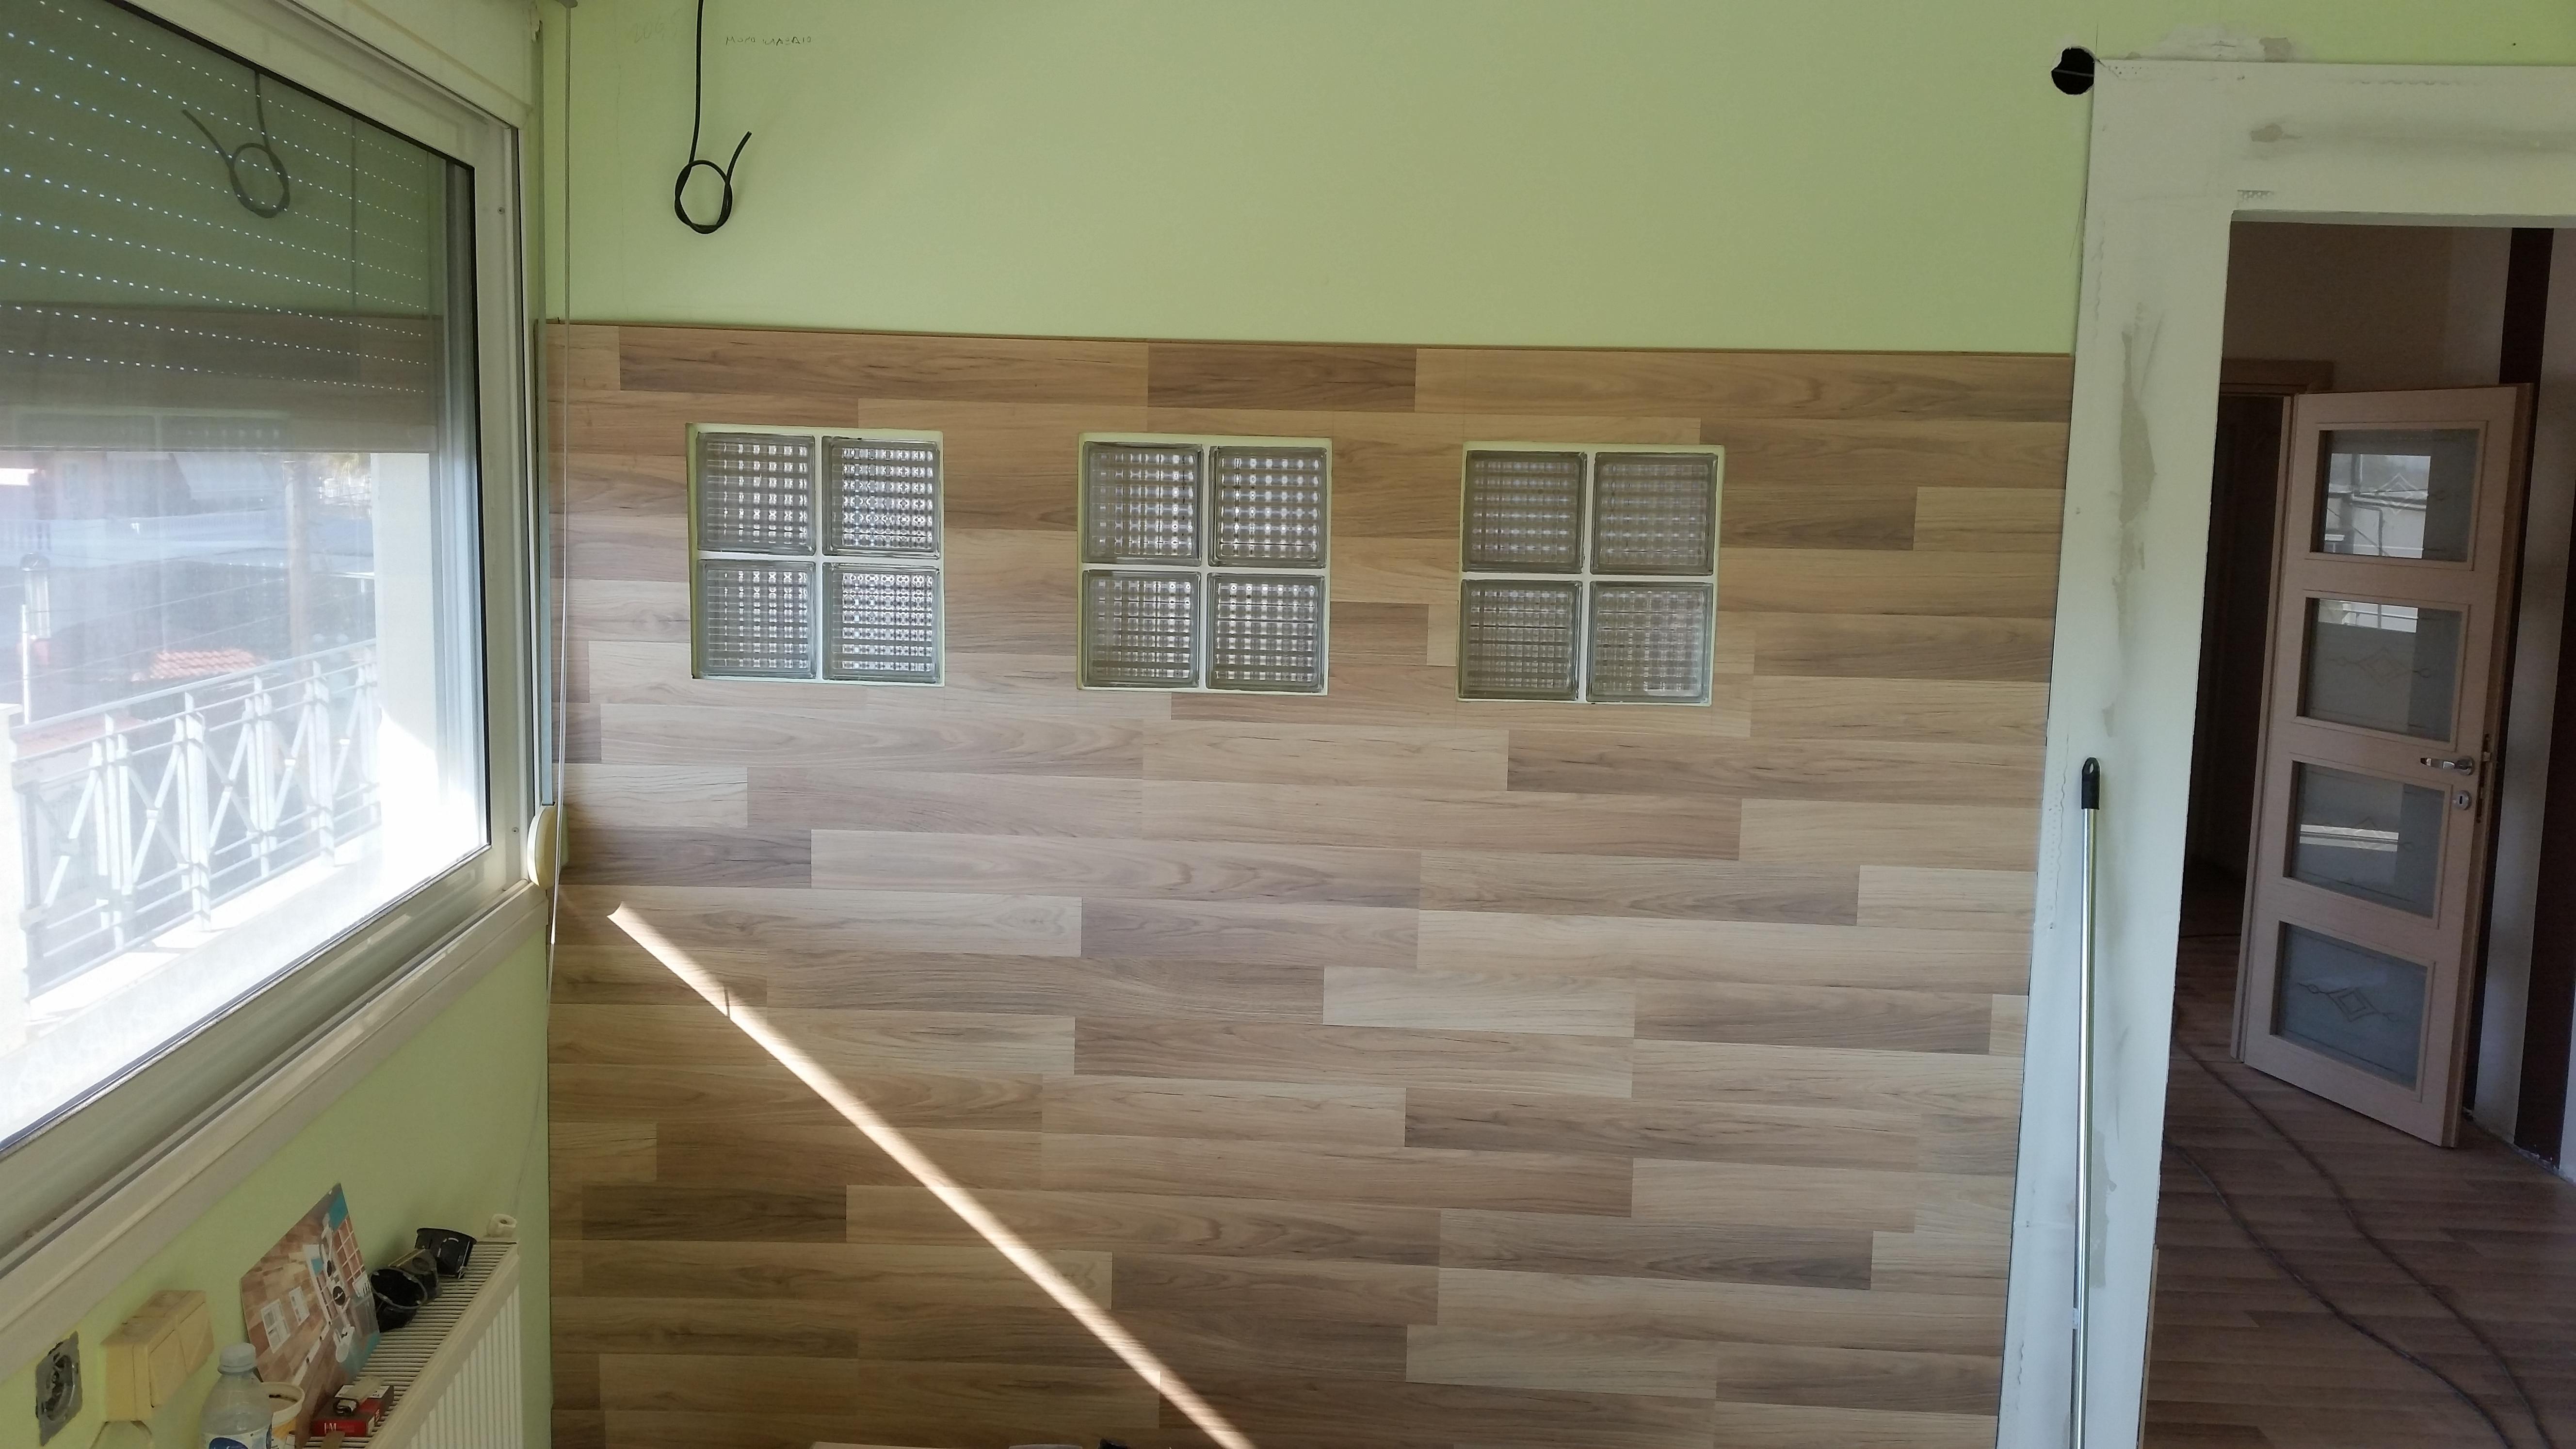 Κάθετη εφαρμογή λαμινειτ - laminates on the wall